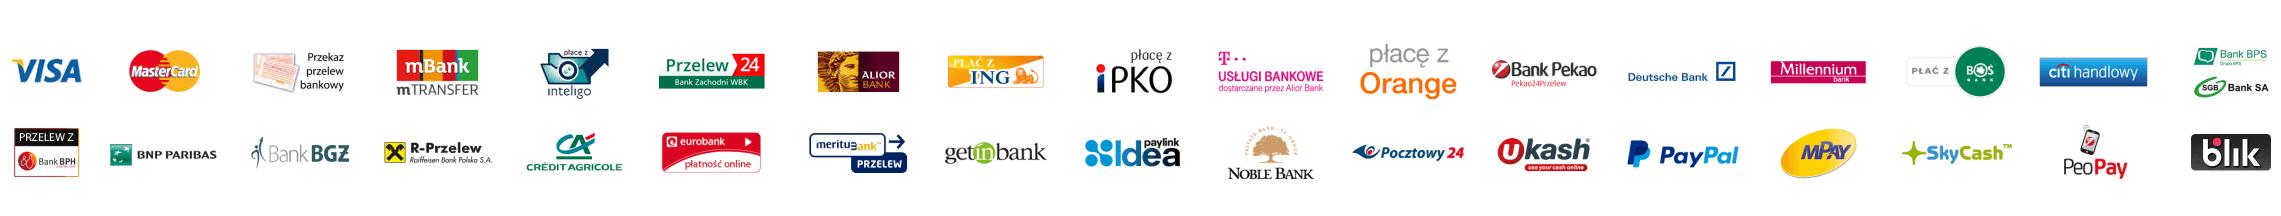 Fundacyjny internetowy sklep zoologiczny - Możliwe formy płatności: Visa, Mastercard